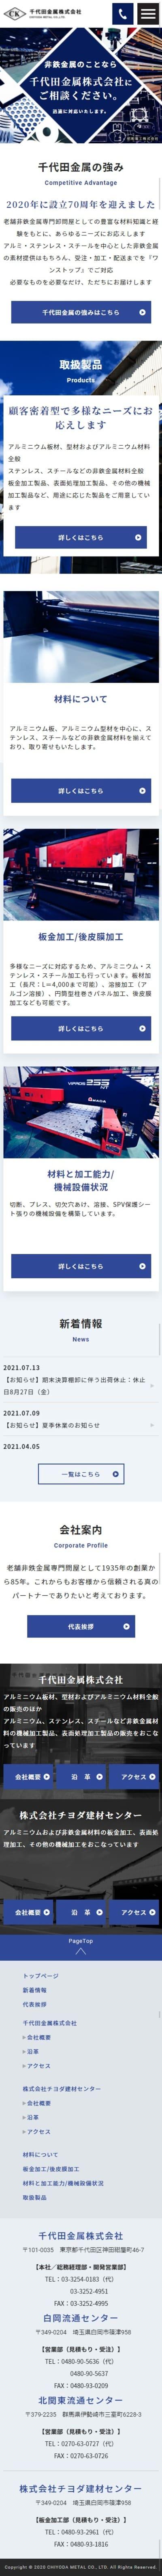 千代田金属株式会社